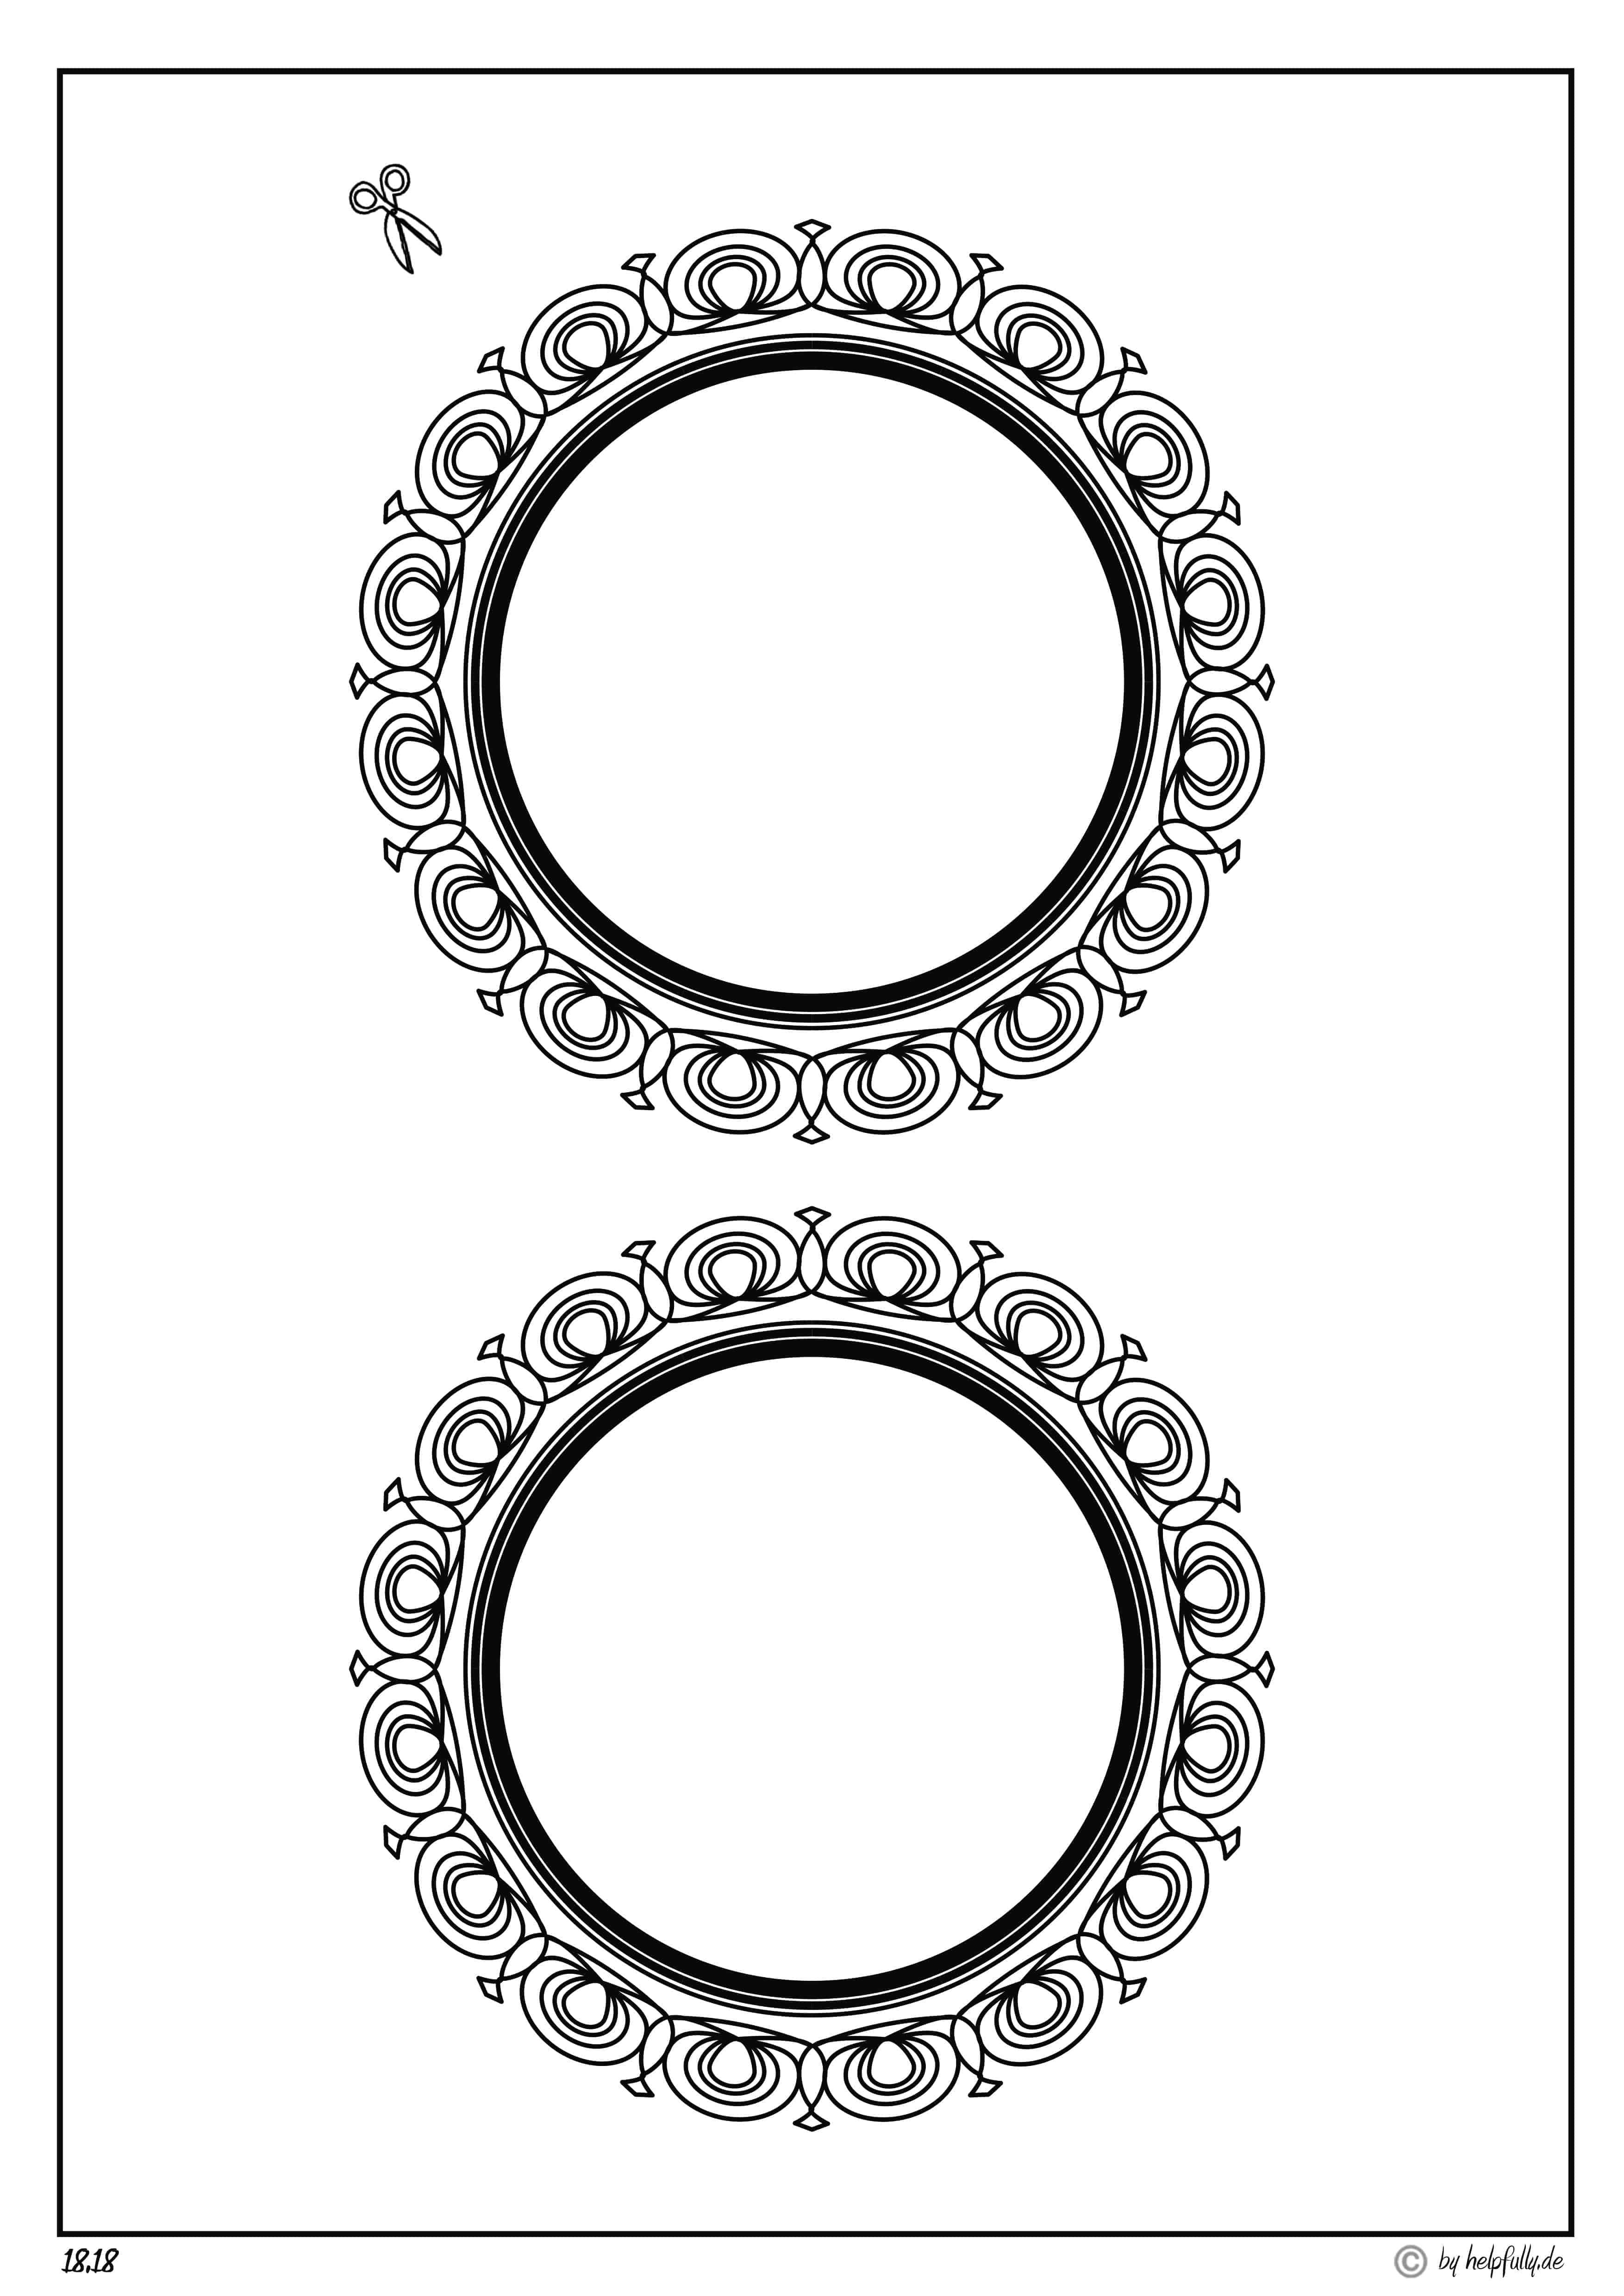 Papiervorlage 2 Rahmen Rund Sw Ii